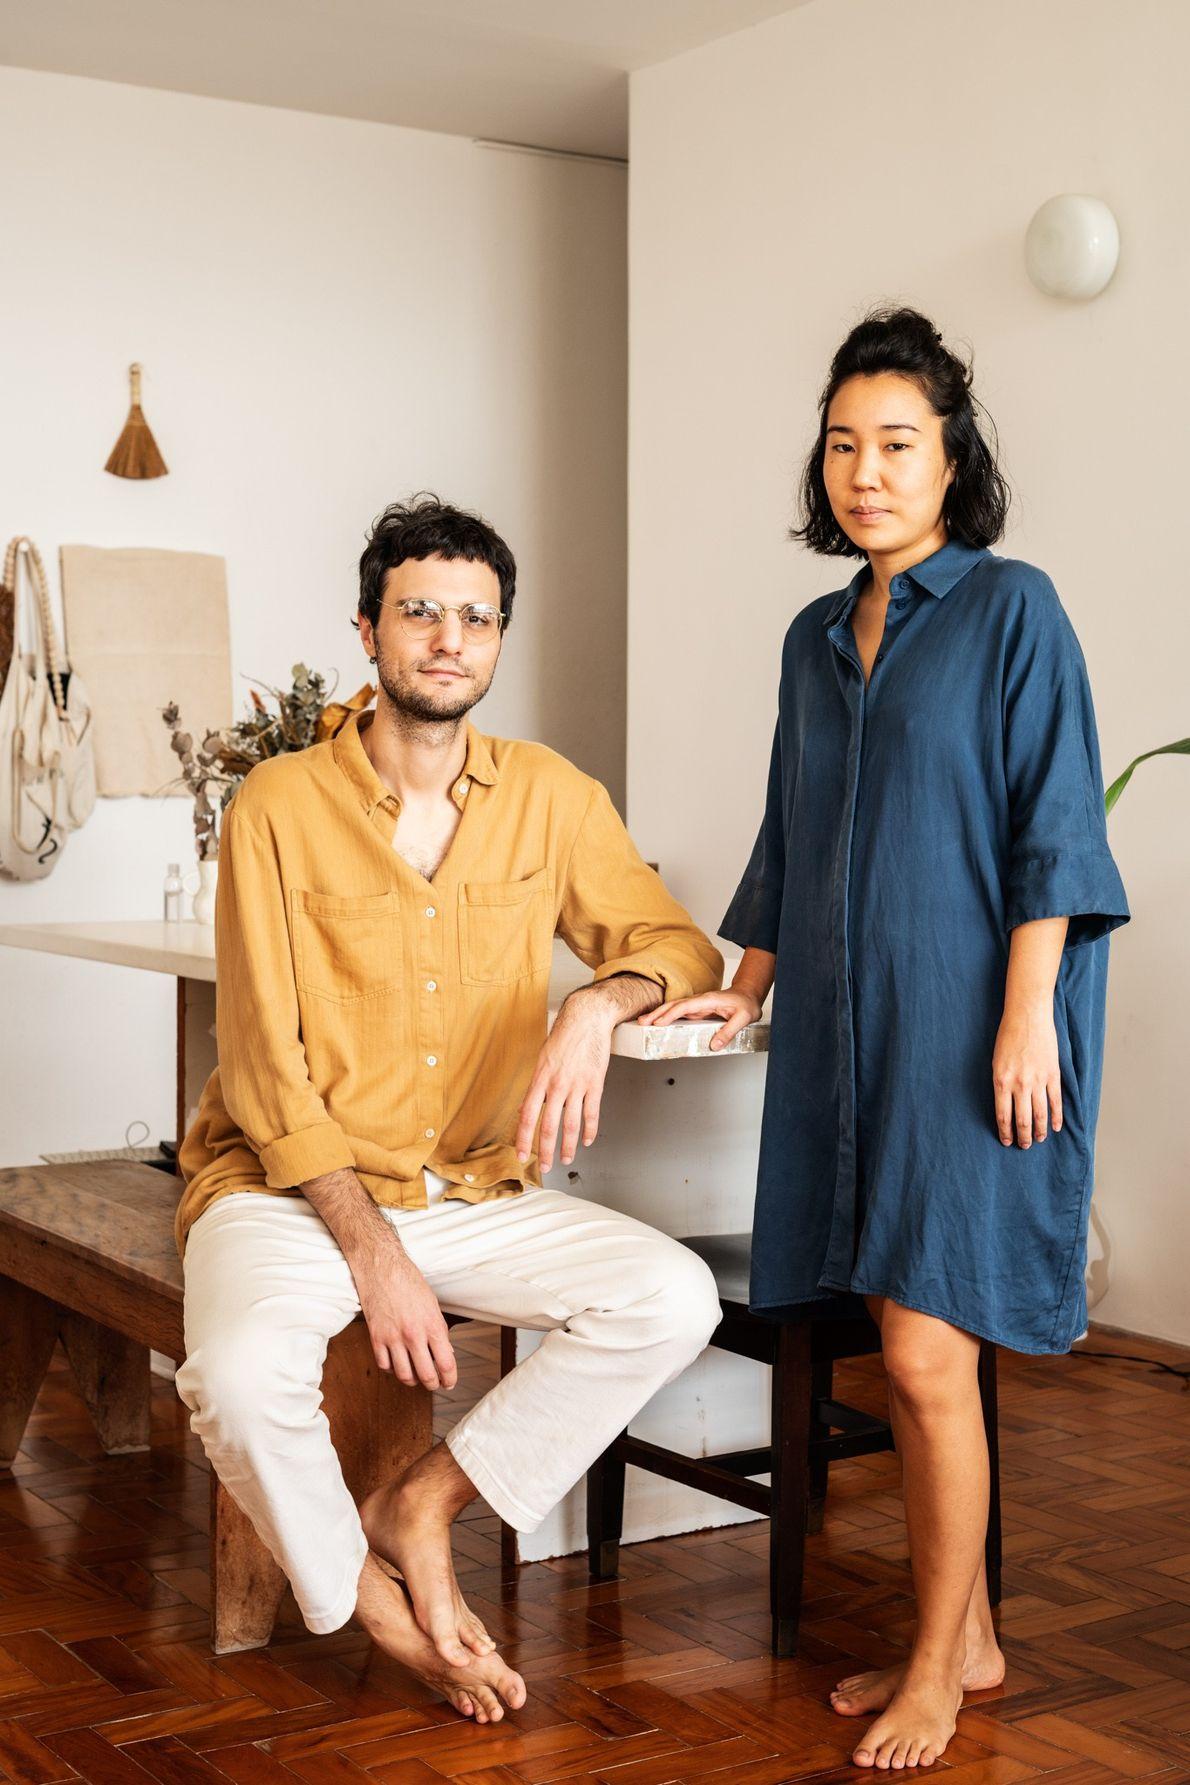 Pablo Resende, arquiteto, e Livia Tatsumi, editora de filmes, têm sorte de poder trabalhar remotamente durante ...